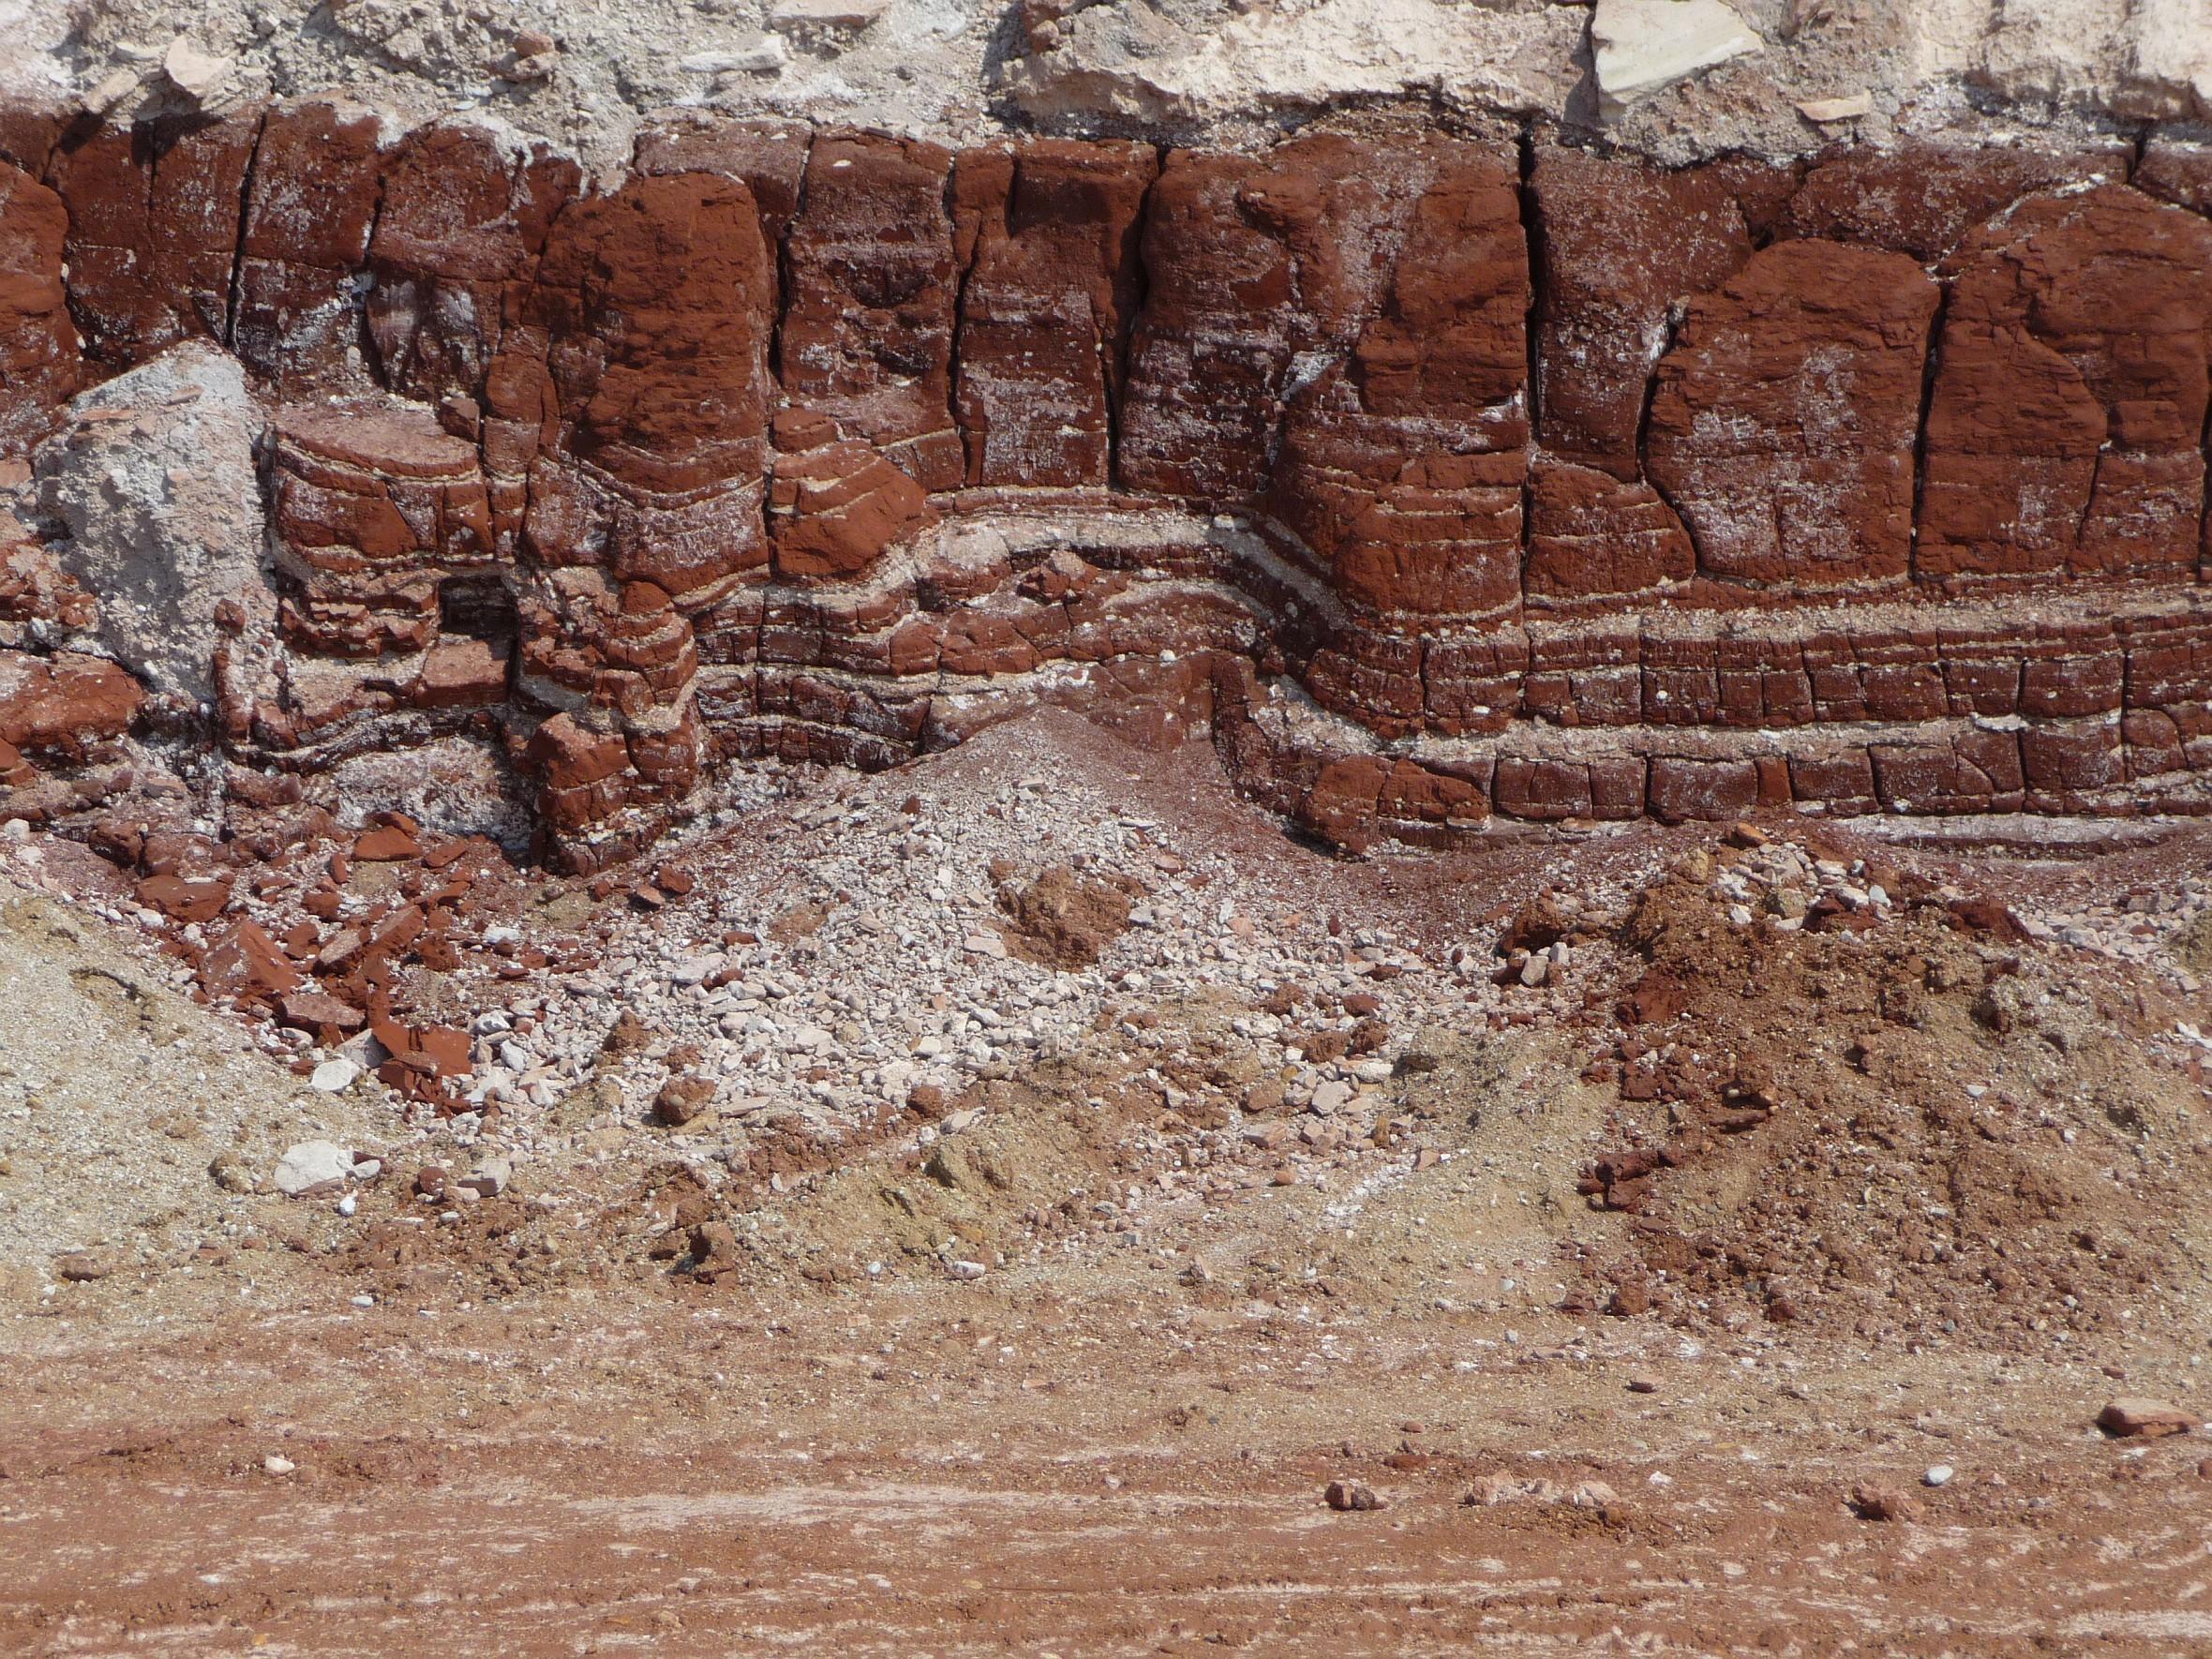 6. ábra Gyűrt rétegek a gát belülről tisztára mosott északi falának alján, az északnyugati sarokhoz közel (Varga R.)